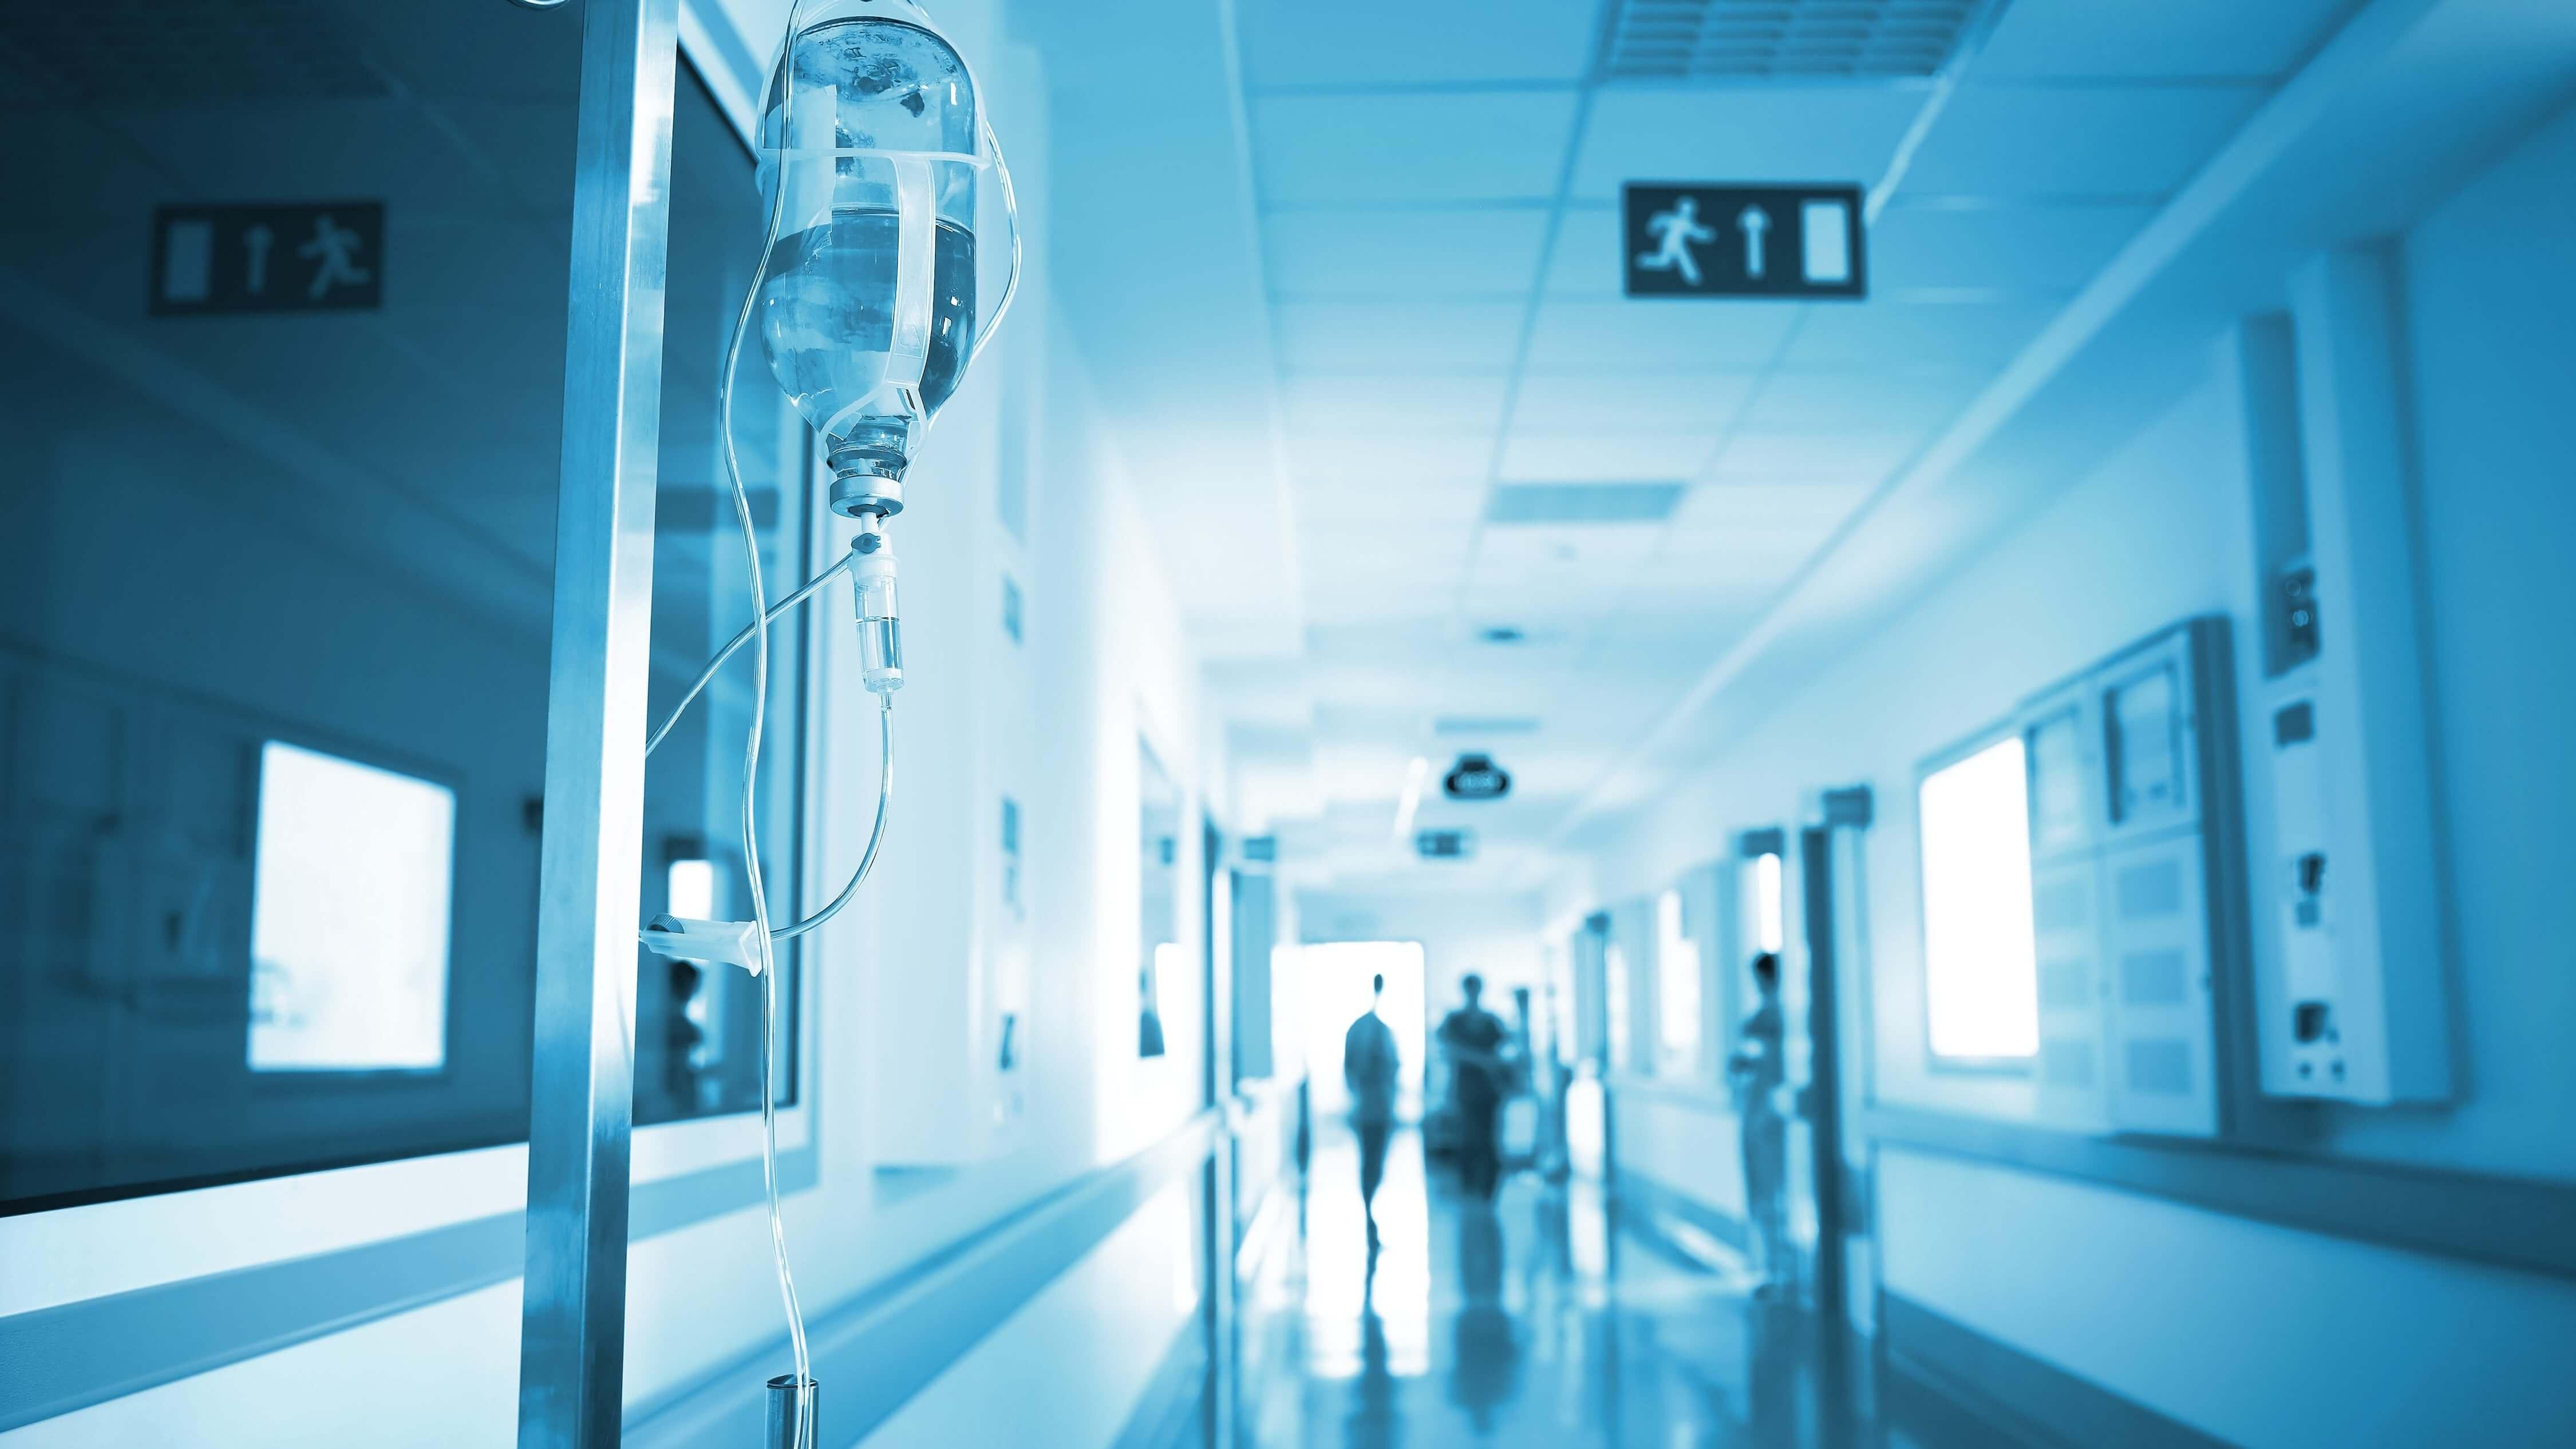 Для переселения психоневрологических пациентов необходимо создать поддерживаемое проживание